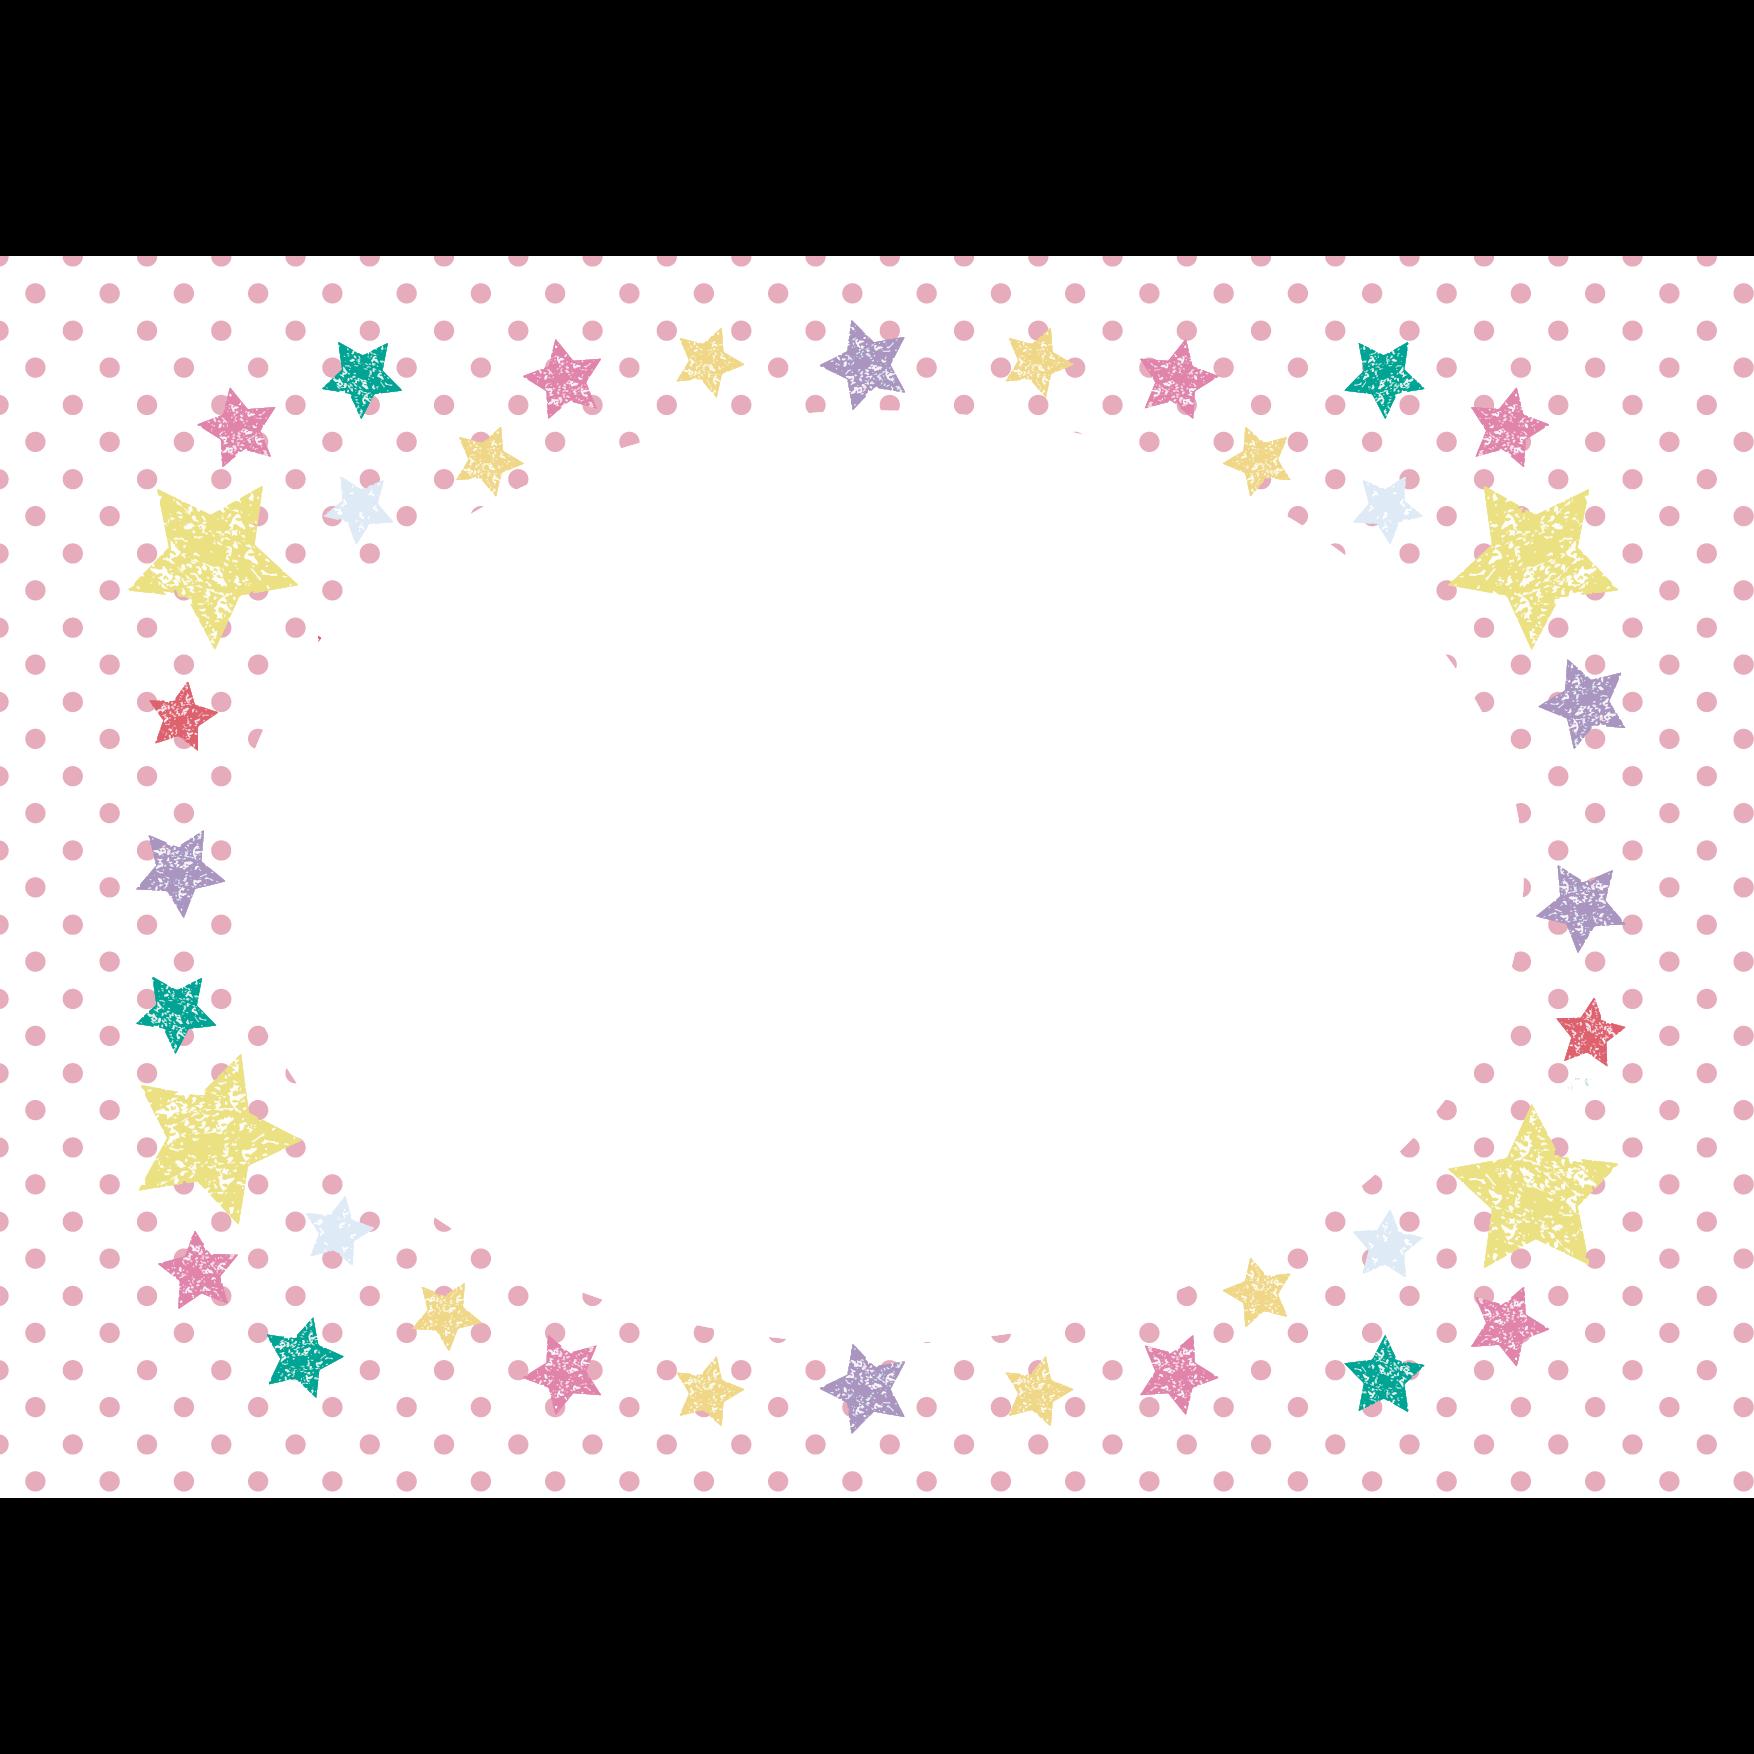 おしゃれ♪星(スター)模様のフレーム イラスト | 商用フリー(無料)の